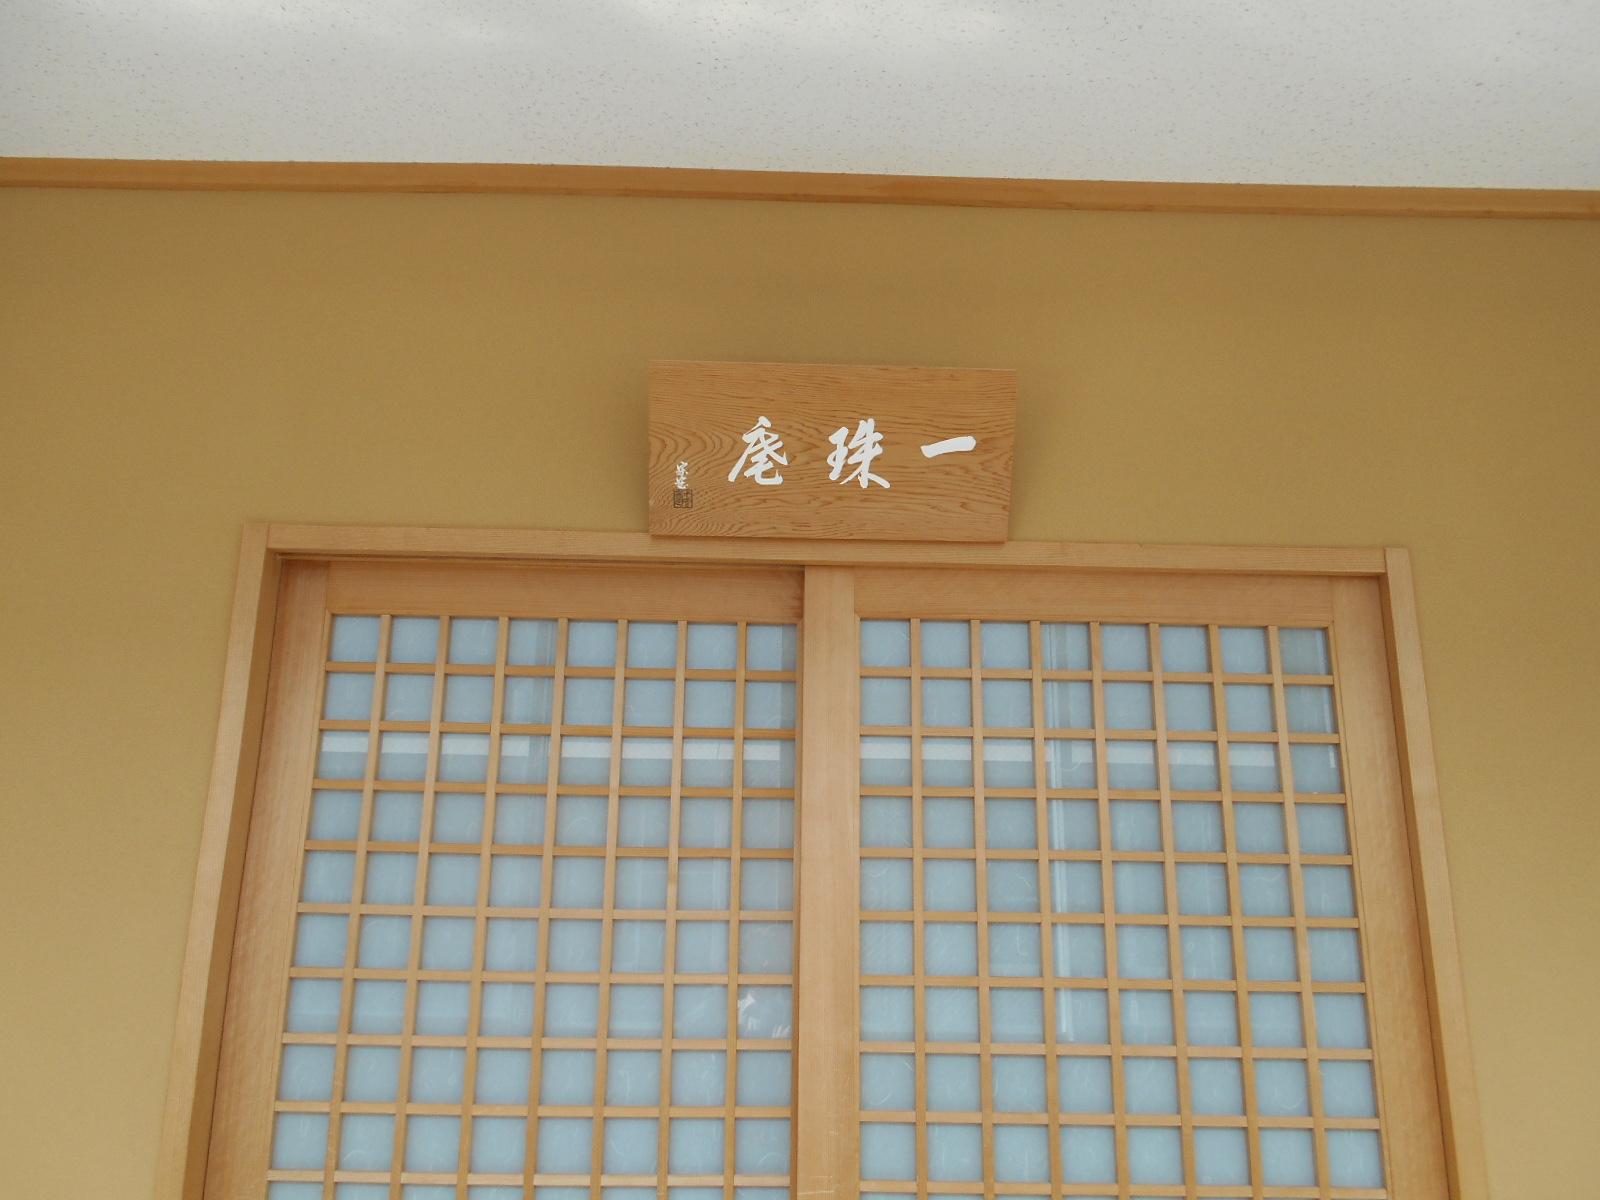 DSCN1600.jpg